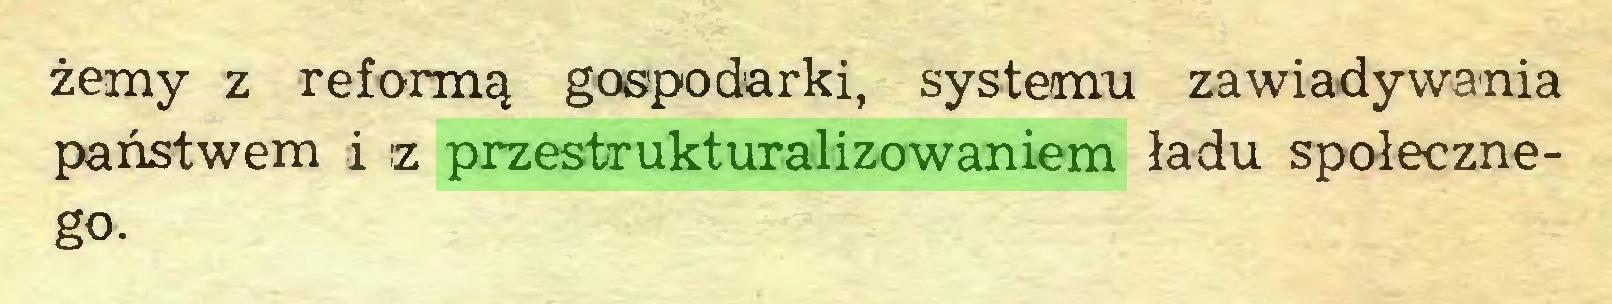 (...) żerny z reformą gospodarki, systemu zawiadywania państwem i iz przestrukturalizowaniem ładu społecznego...